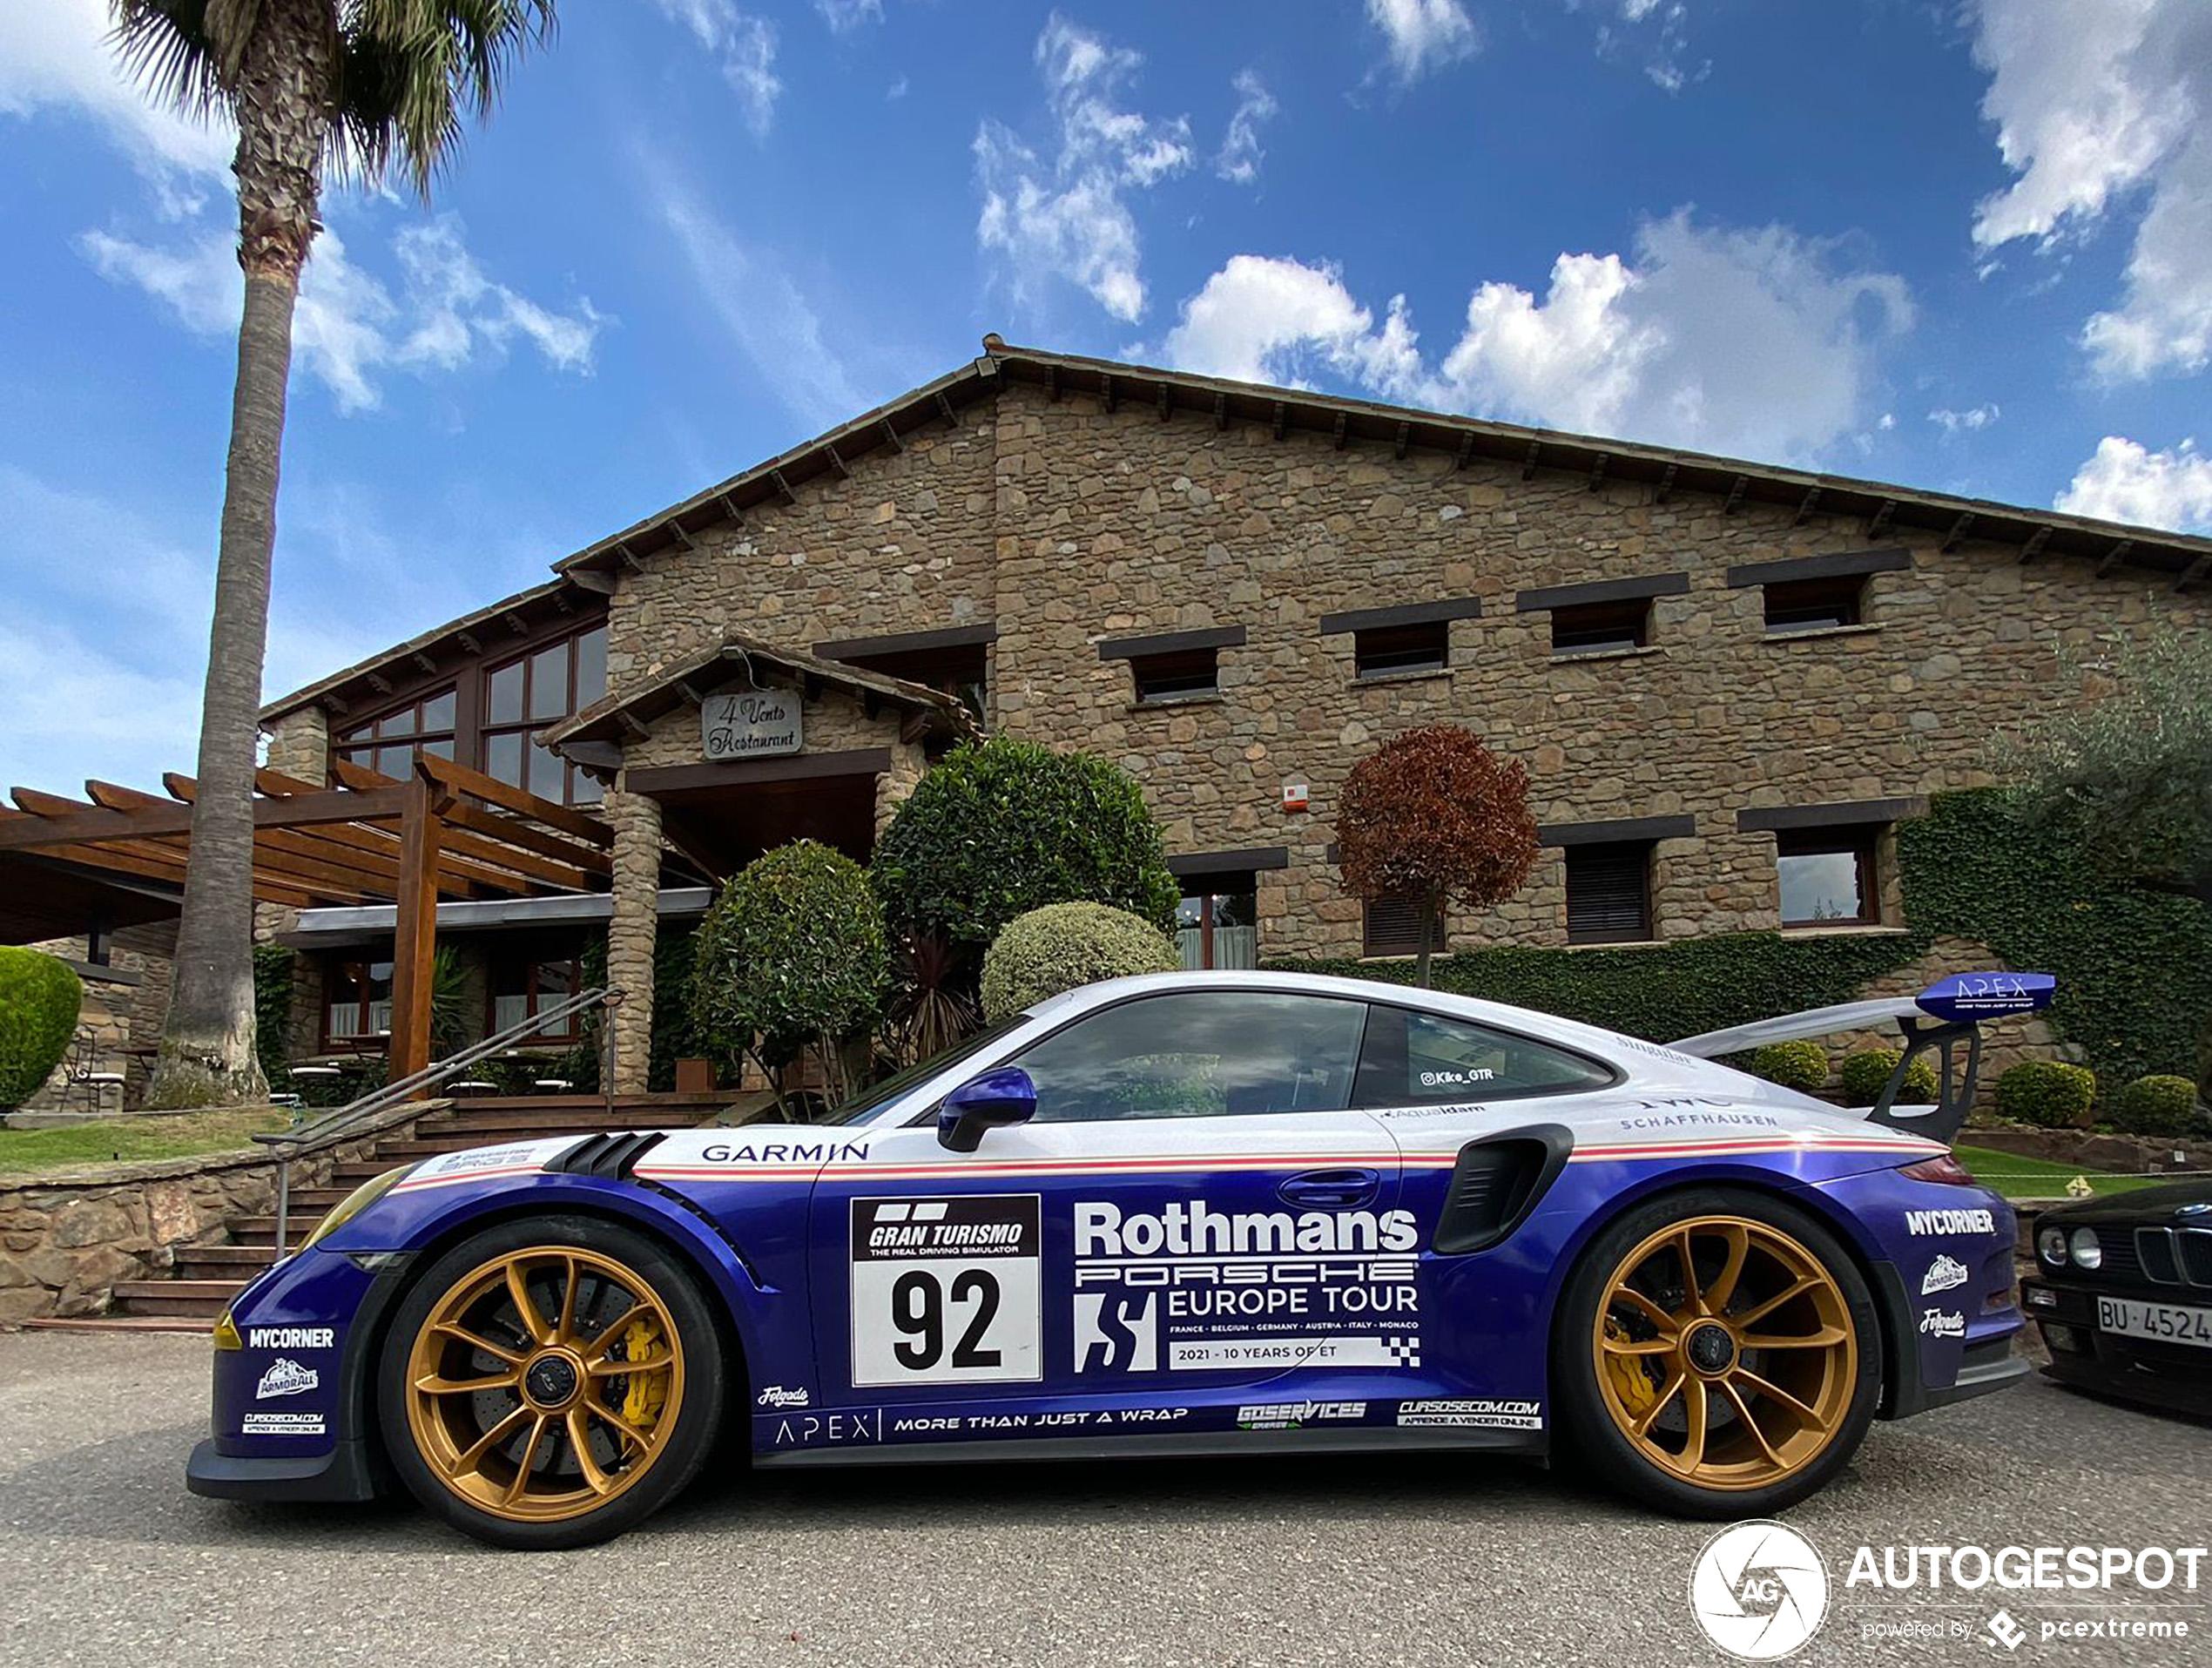 Rothmans livery op Porsche 991 GT3 RS is het helemaal